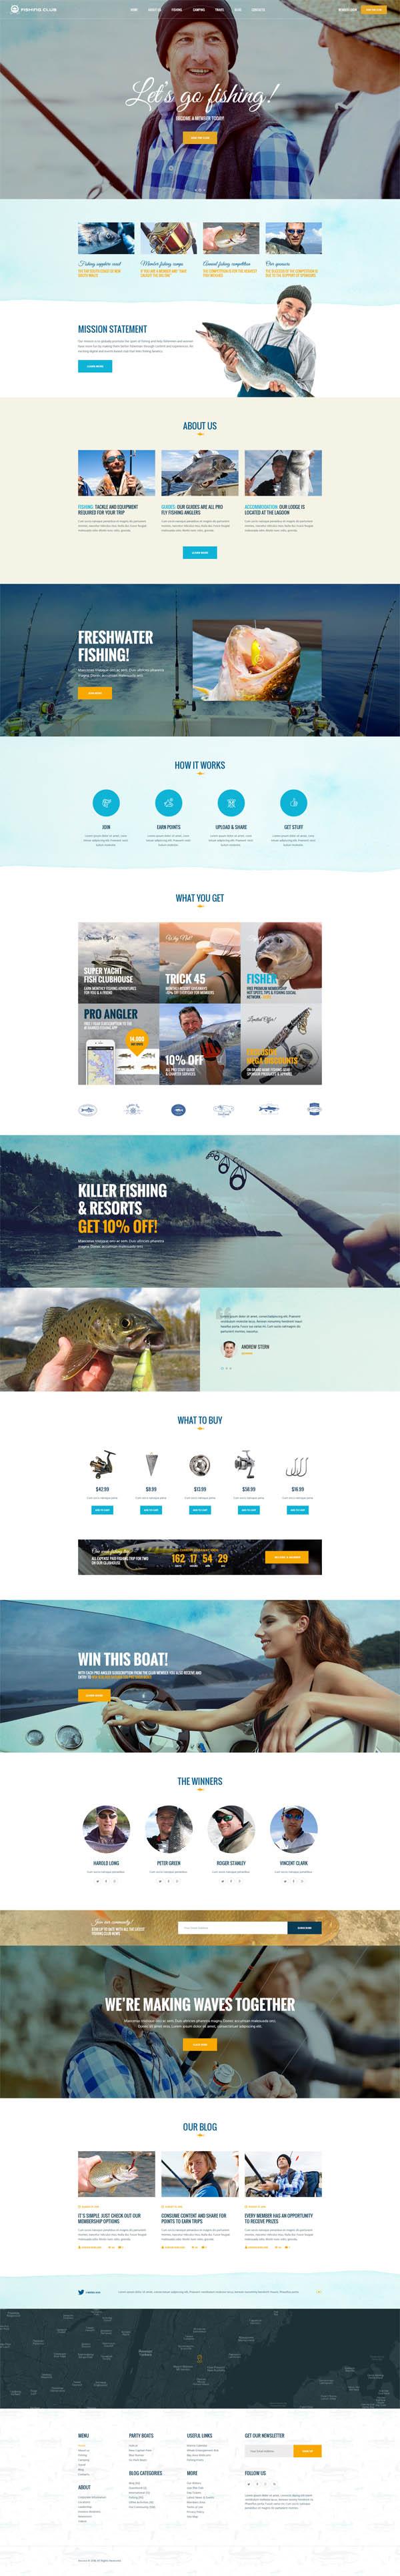 Fishing Club – Fishing | Camping | Travel Club WordPress Theme